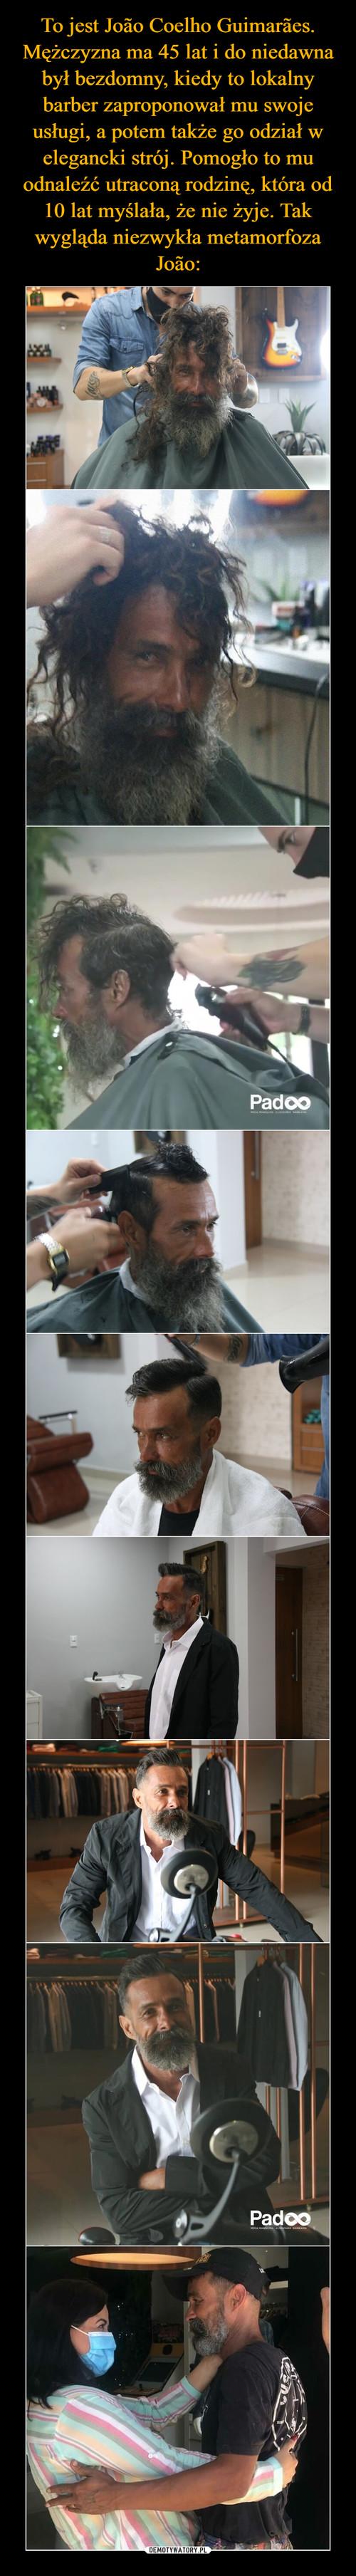 To jest João Coelho Guimarães. Mężczyzna ma 45 lat i do niedawna był bezdomny, kiedy to lokalny barber zaproponował mu swoje usługi, a potem także go odział w elegancki strój. Pomogło to mu odnaleźć utraconą rodzinę, która od 10 lat myślała, że nie żyje. Tak wygląda niezwykła metamorfoza João: